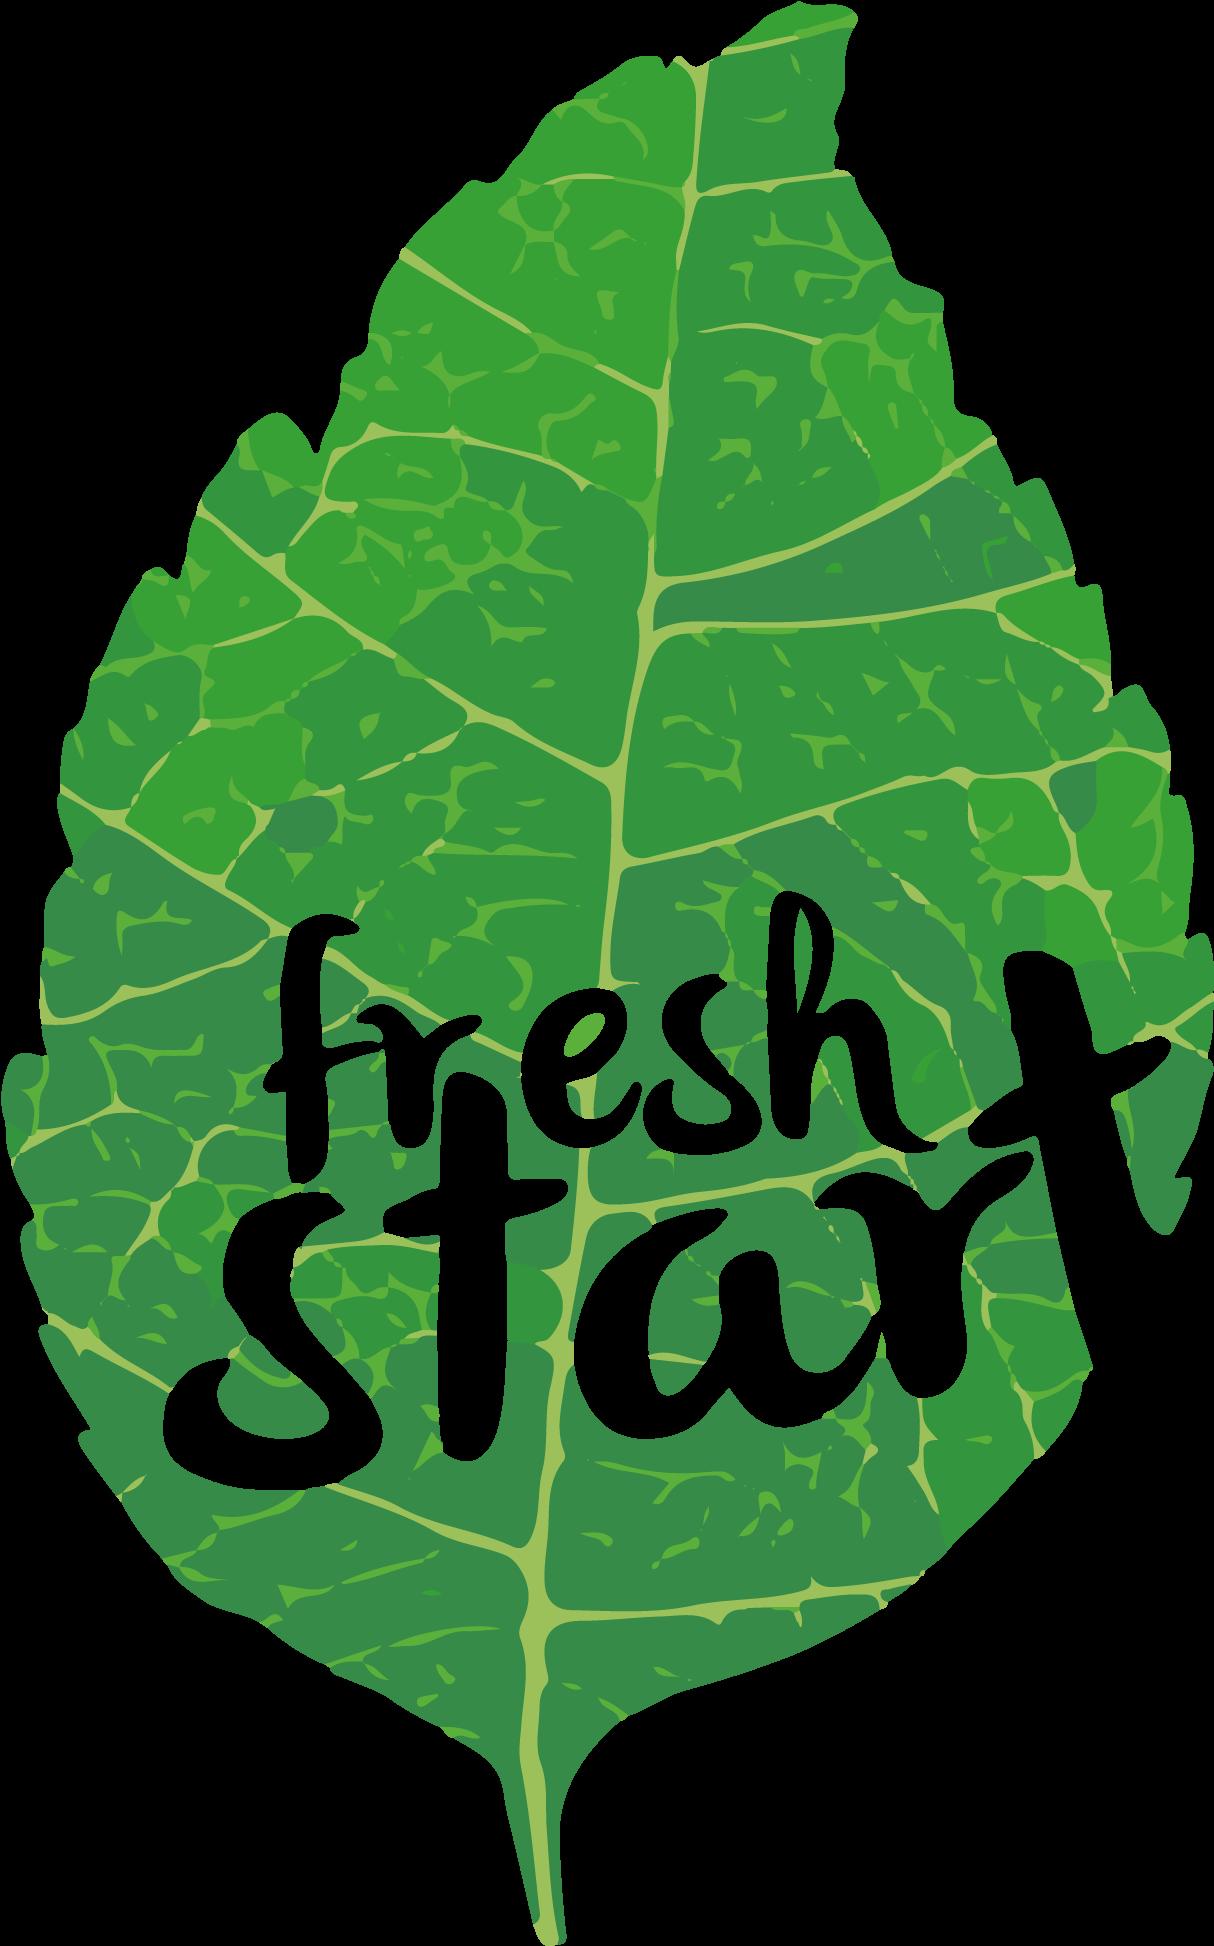 Fresh Start New Church Tricities Wa Ⓒ.